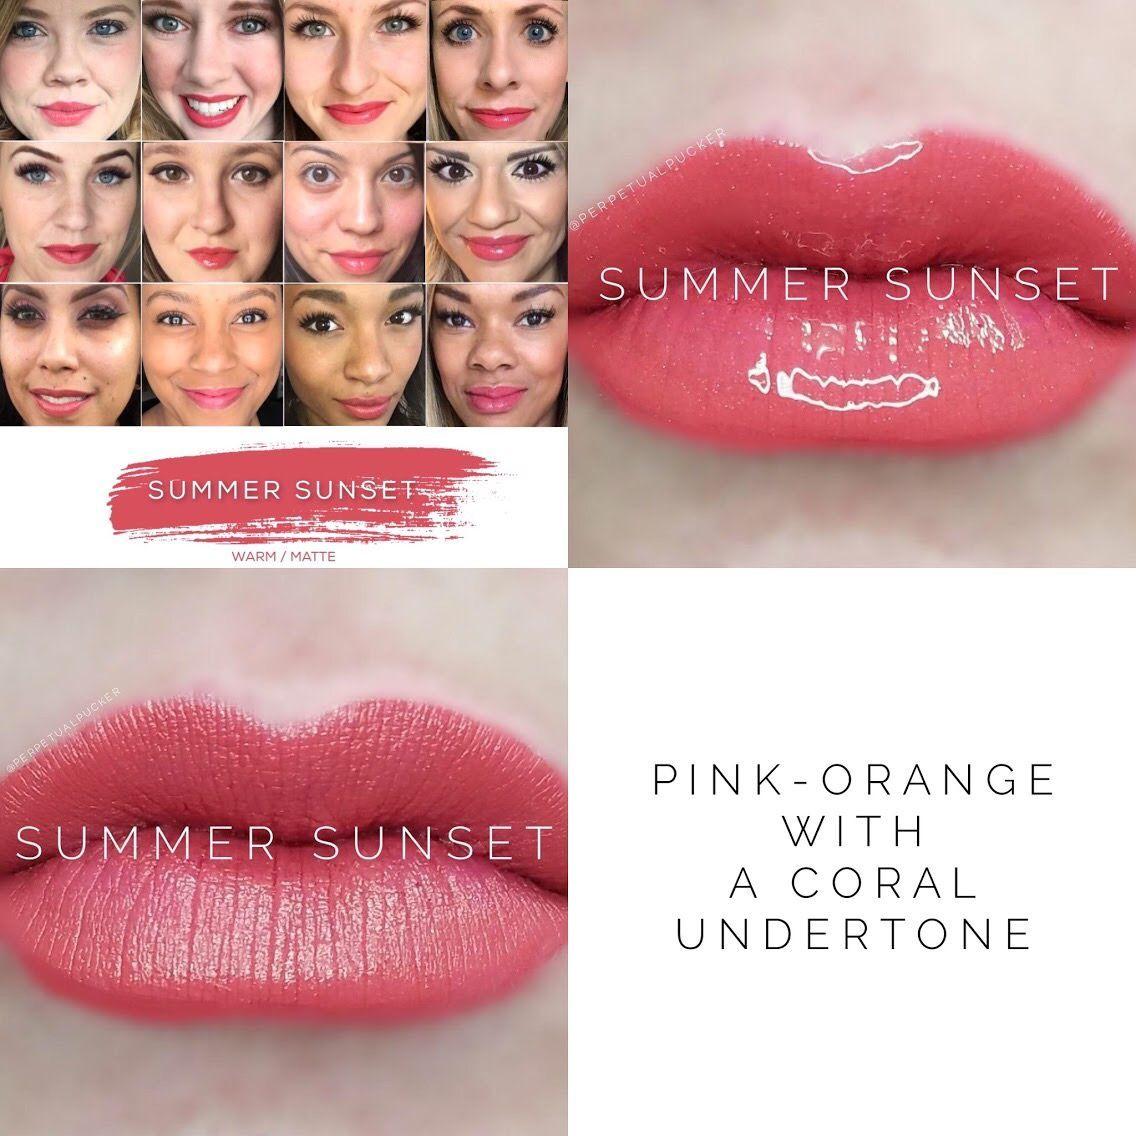 Summer Sunset LipSense #Lipcolors